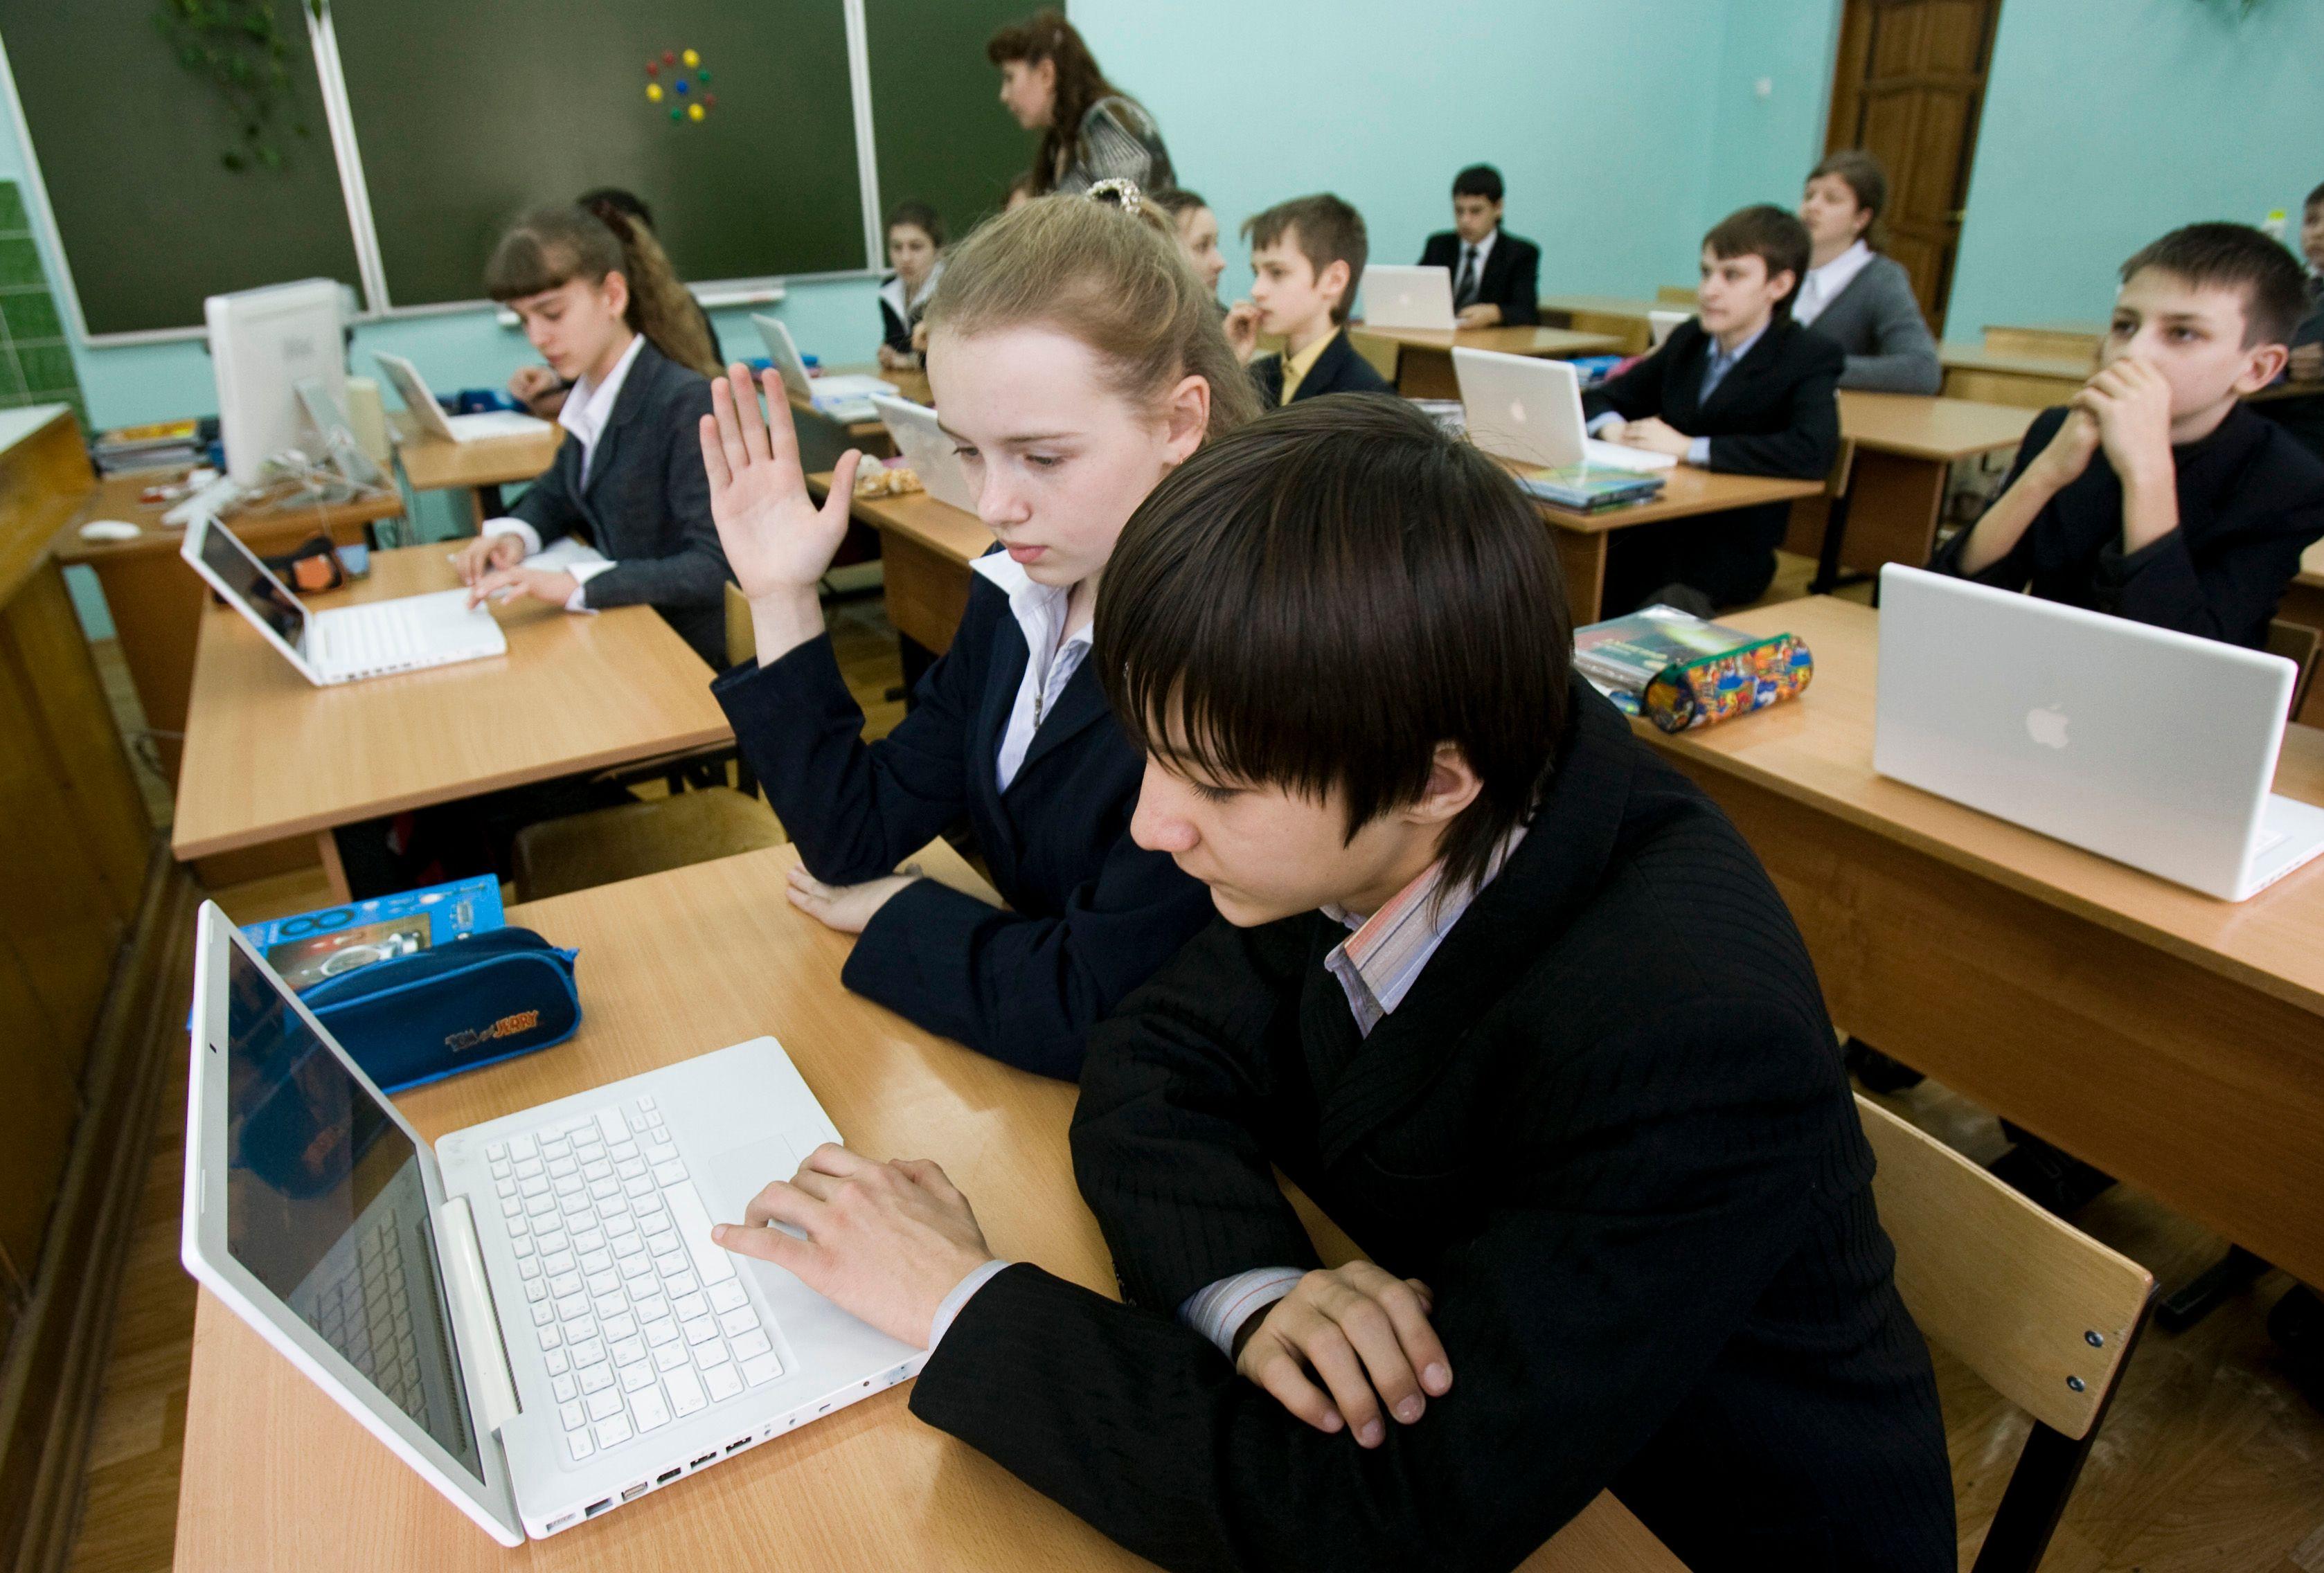 Le e-learning est une formation ouverte à distance, un apprentissage en ligne possible grâce à la téléphonie, au chat et la visioconférence.